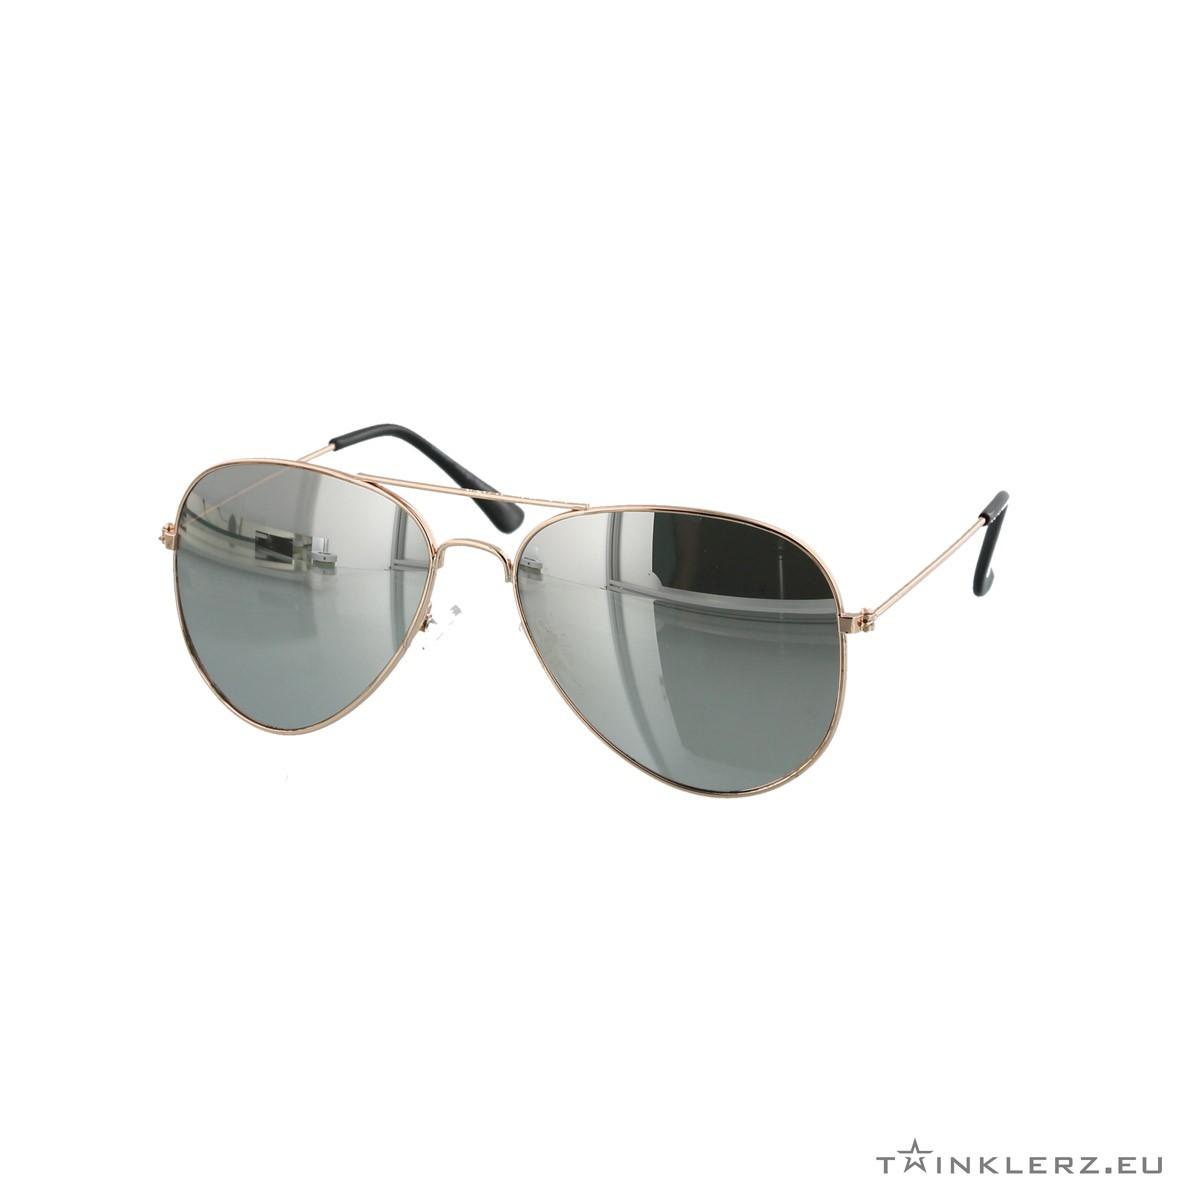 Silver gold mirrored silver aviator sunglasses